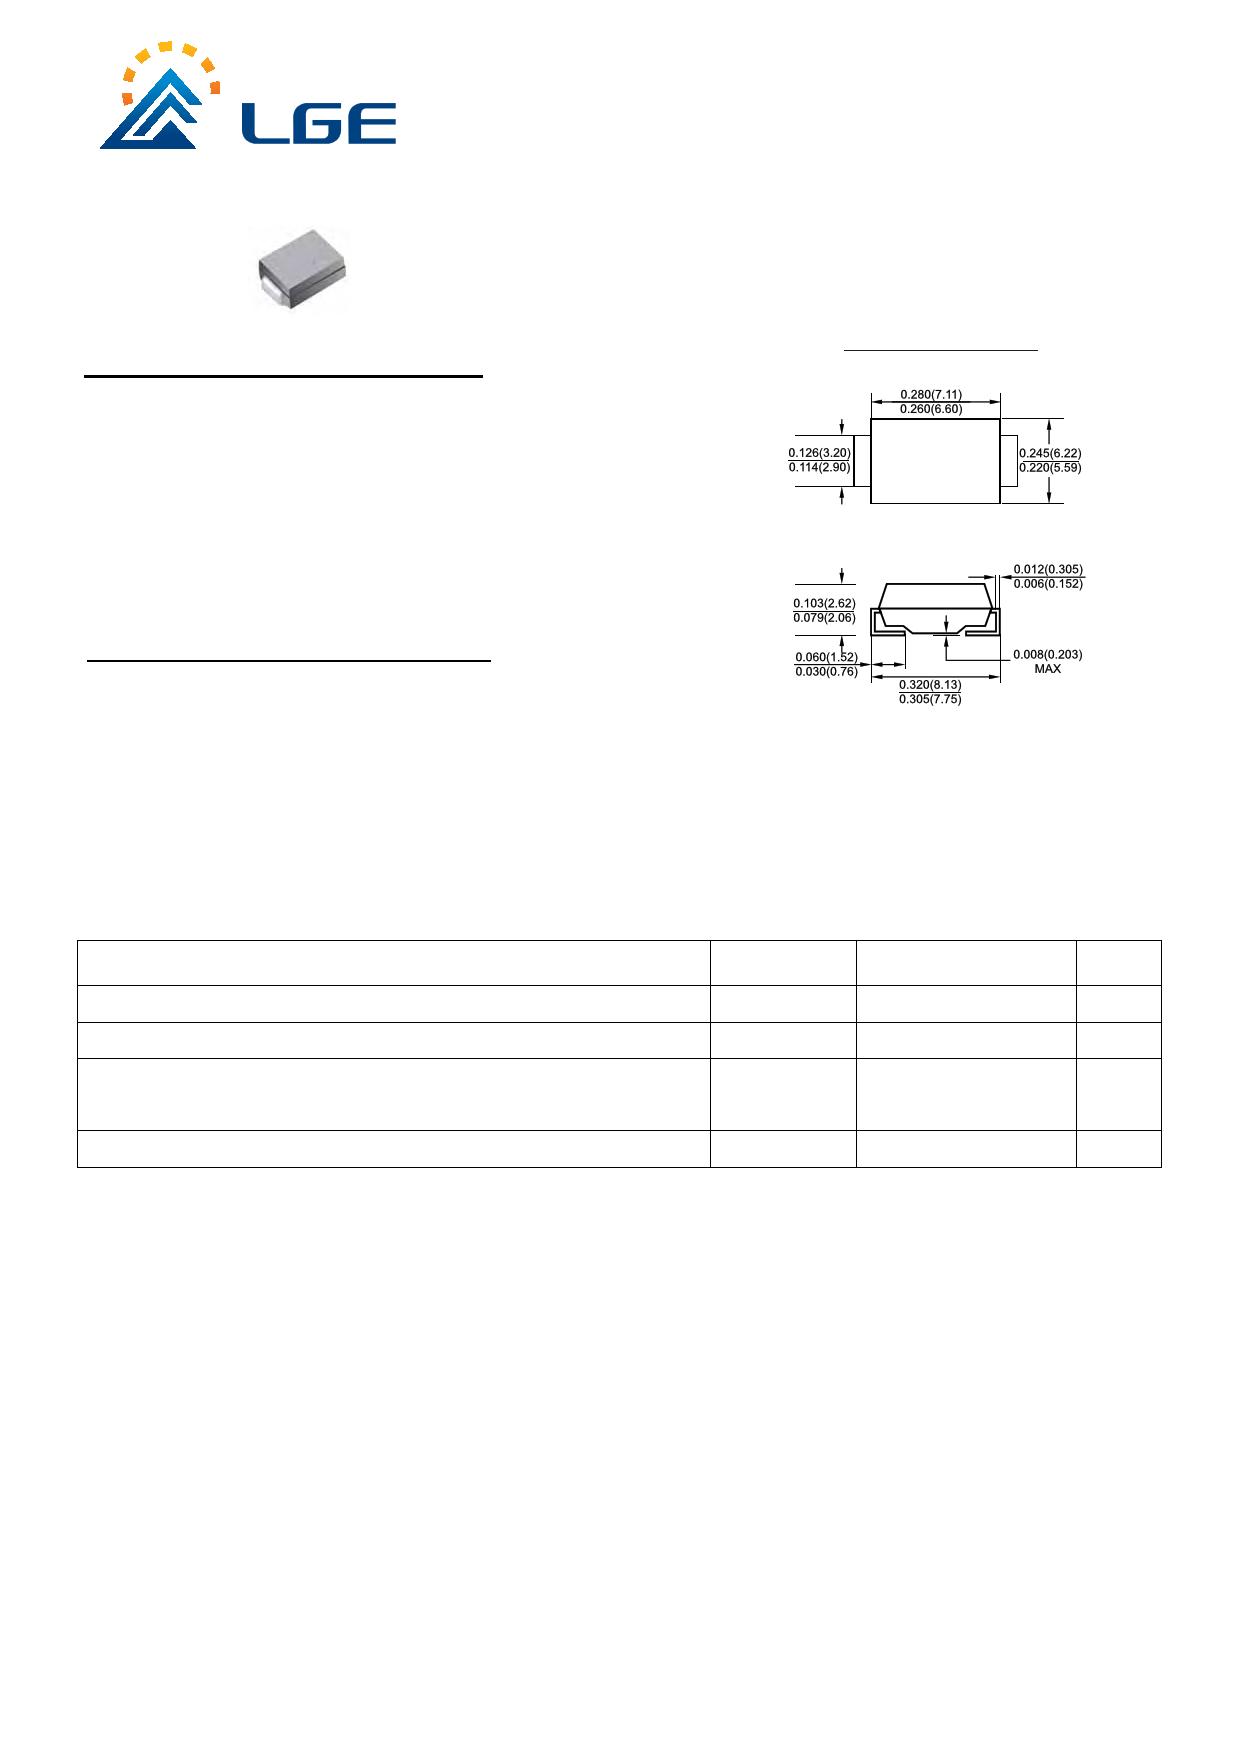 3.0SMCJ180C Datasheet, 3.0SMCJ180C PDF,ピン配置, 機能